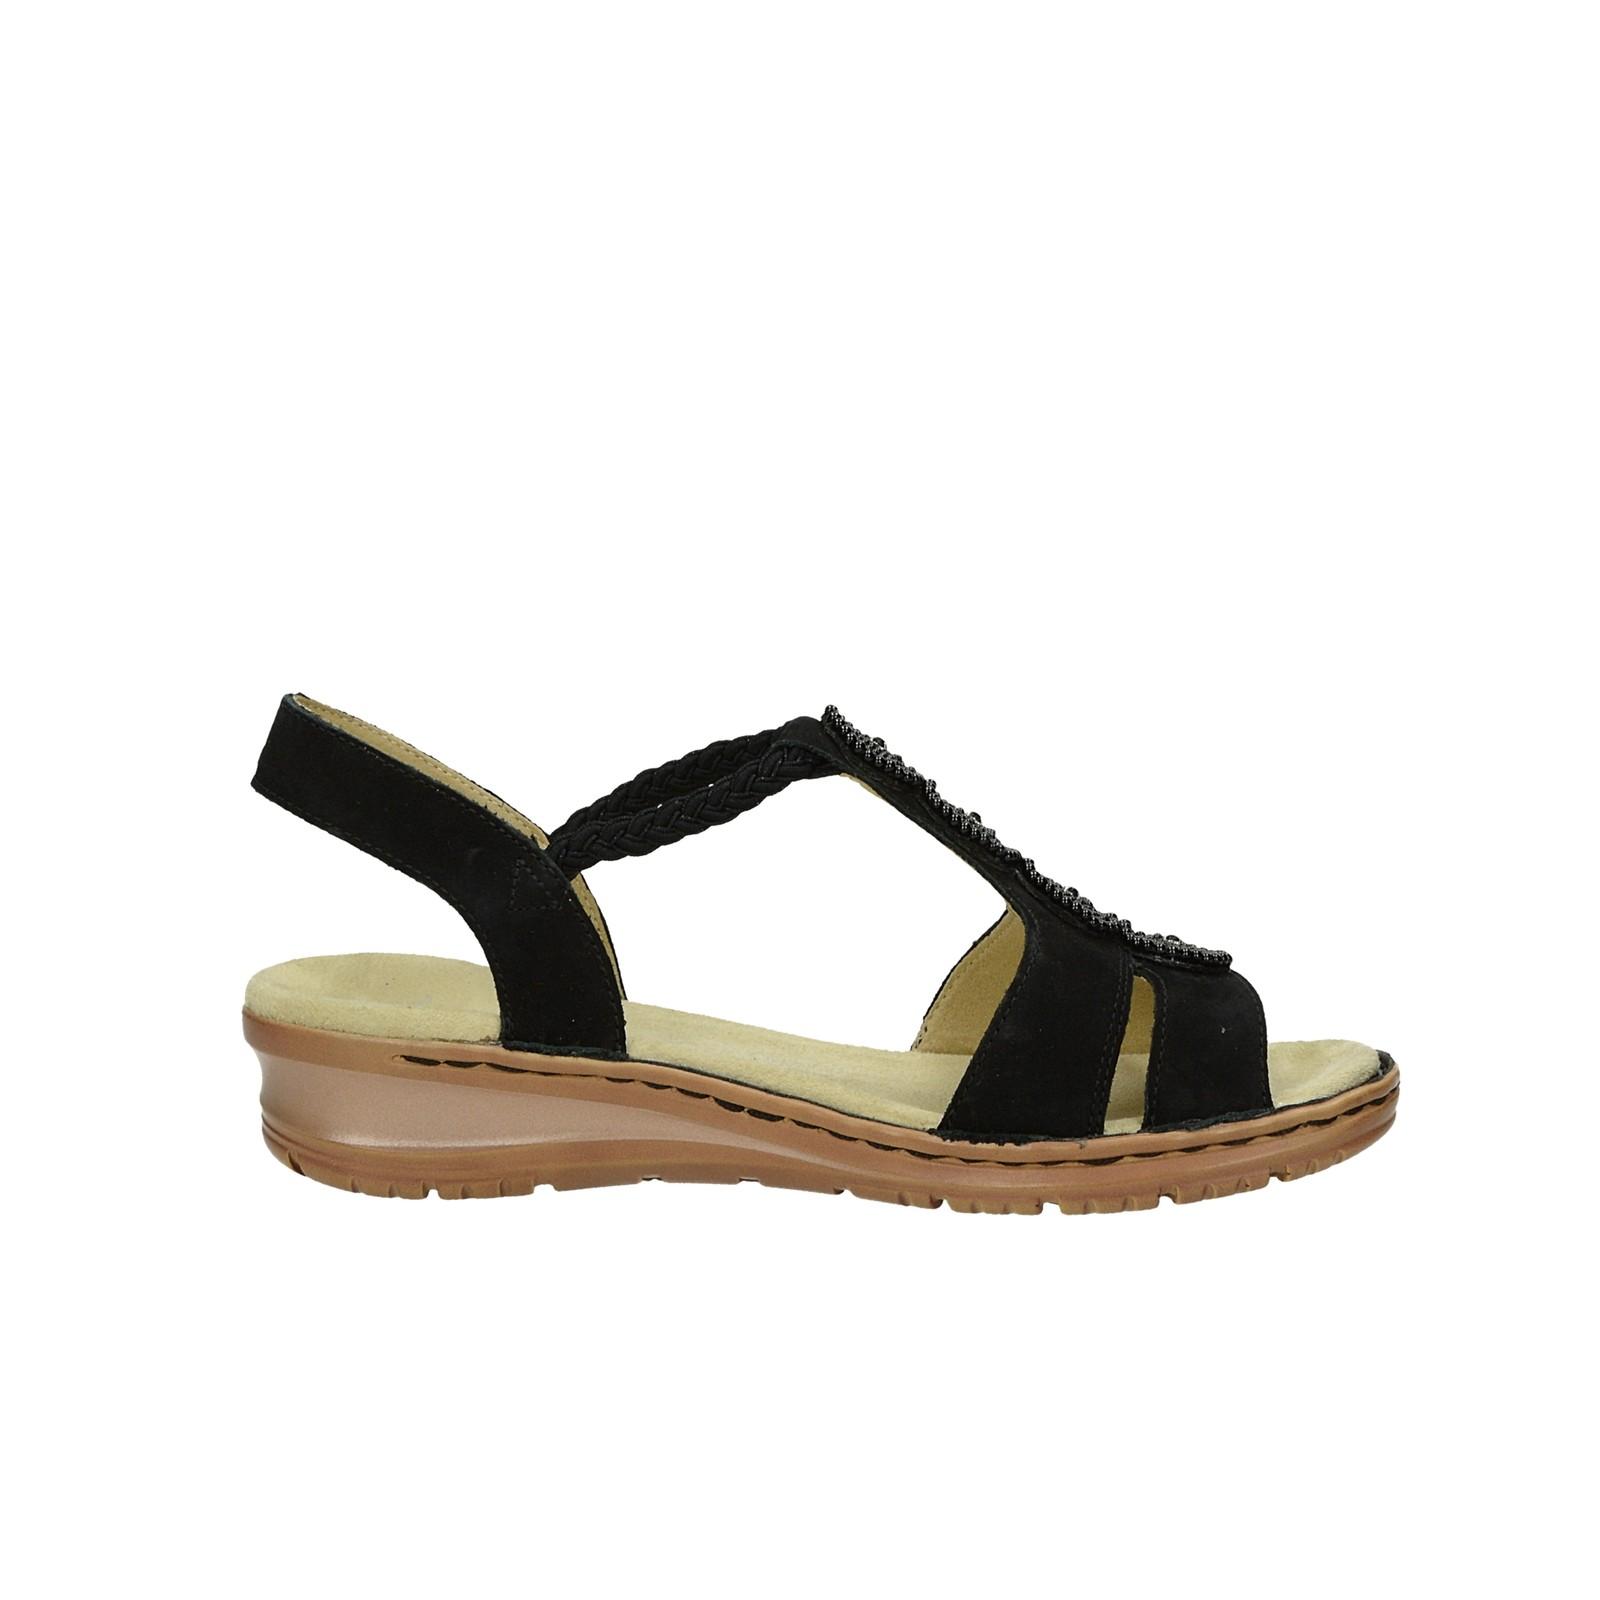 Ara dámské nubukové sandály - černé